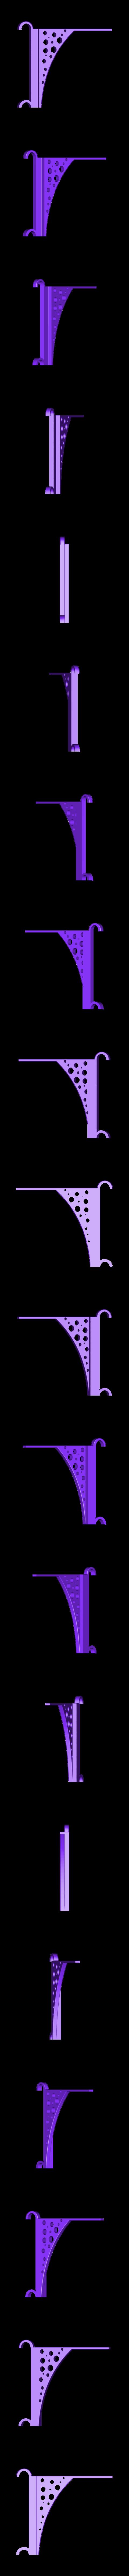 support linge.STL Télécharger fichier STL gratuit Support sèche linge  • Plan imprimable en 3D, julienvd2525